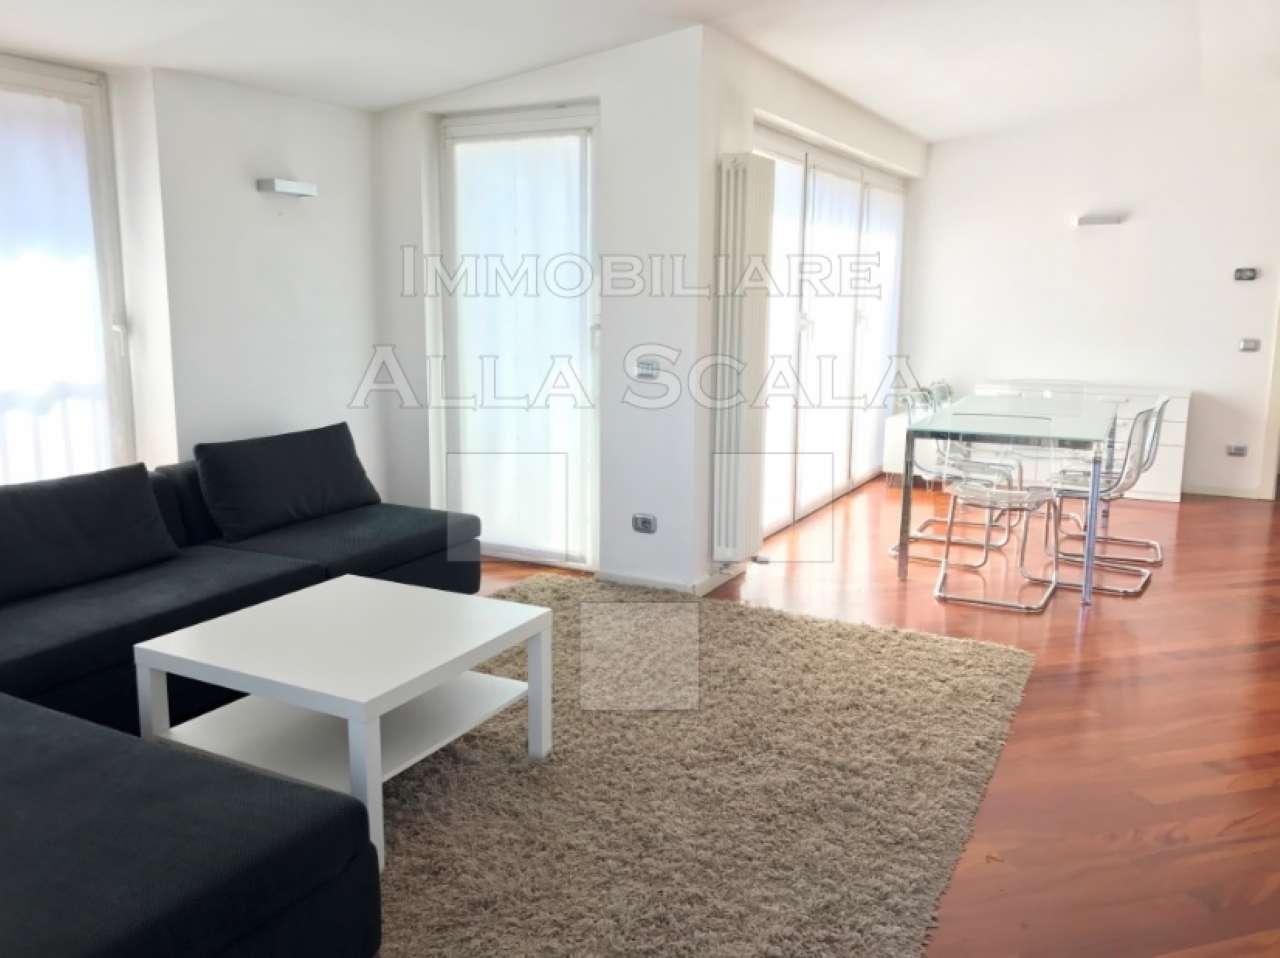 Attico / Mansarda in affitto a Milano, 3 locali, zona Zona: 1 . Centro Storico, Duomo, Brera, Cadorna, Cattolica, prezzo € 3.000 | Cambio Casa.it